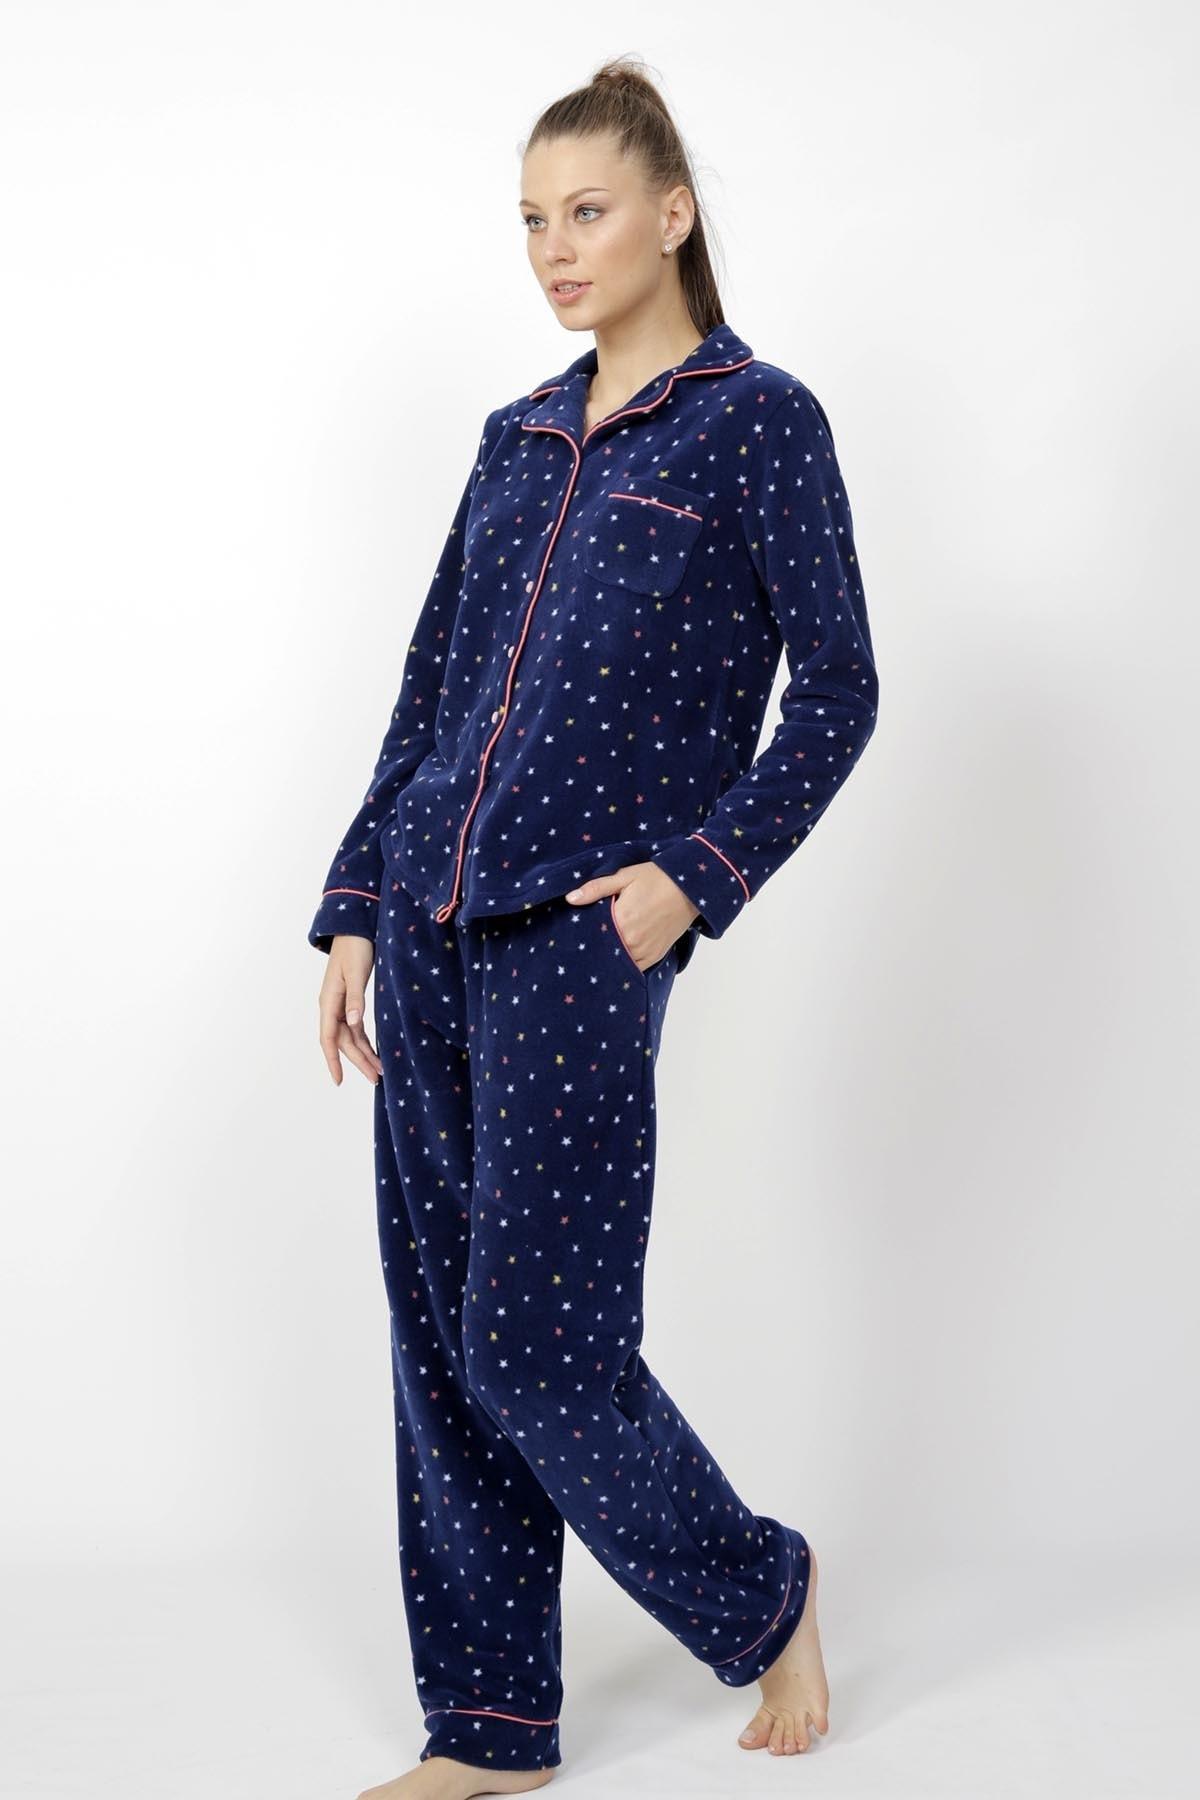 VİENETTA Uzun Kol Polar Yıldız Desenli Gömlek Tarzlı Pijama Takım 2